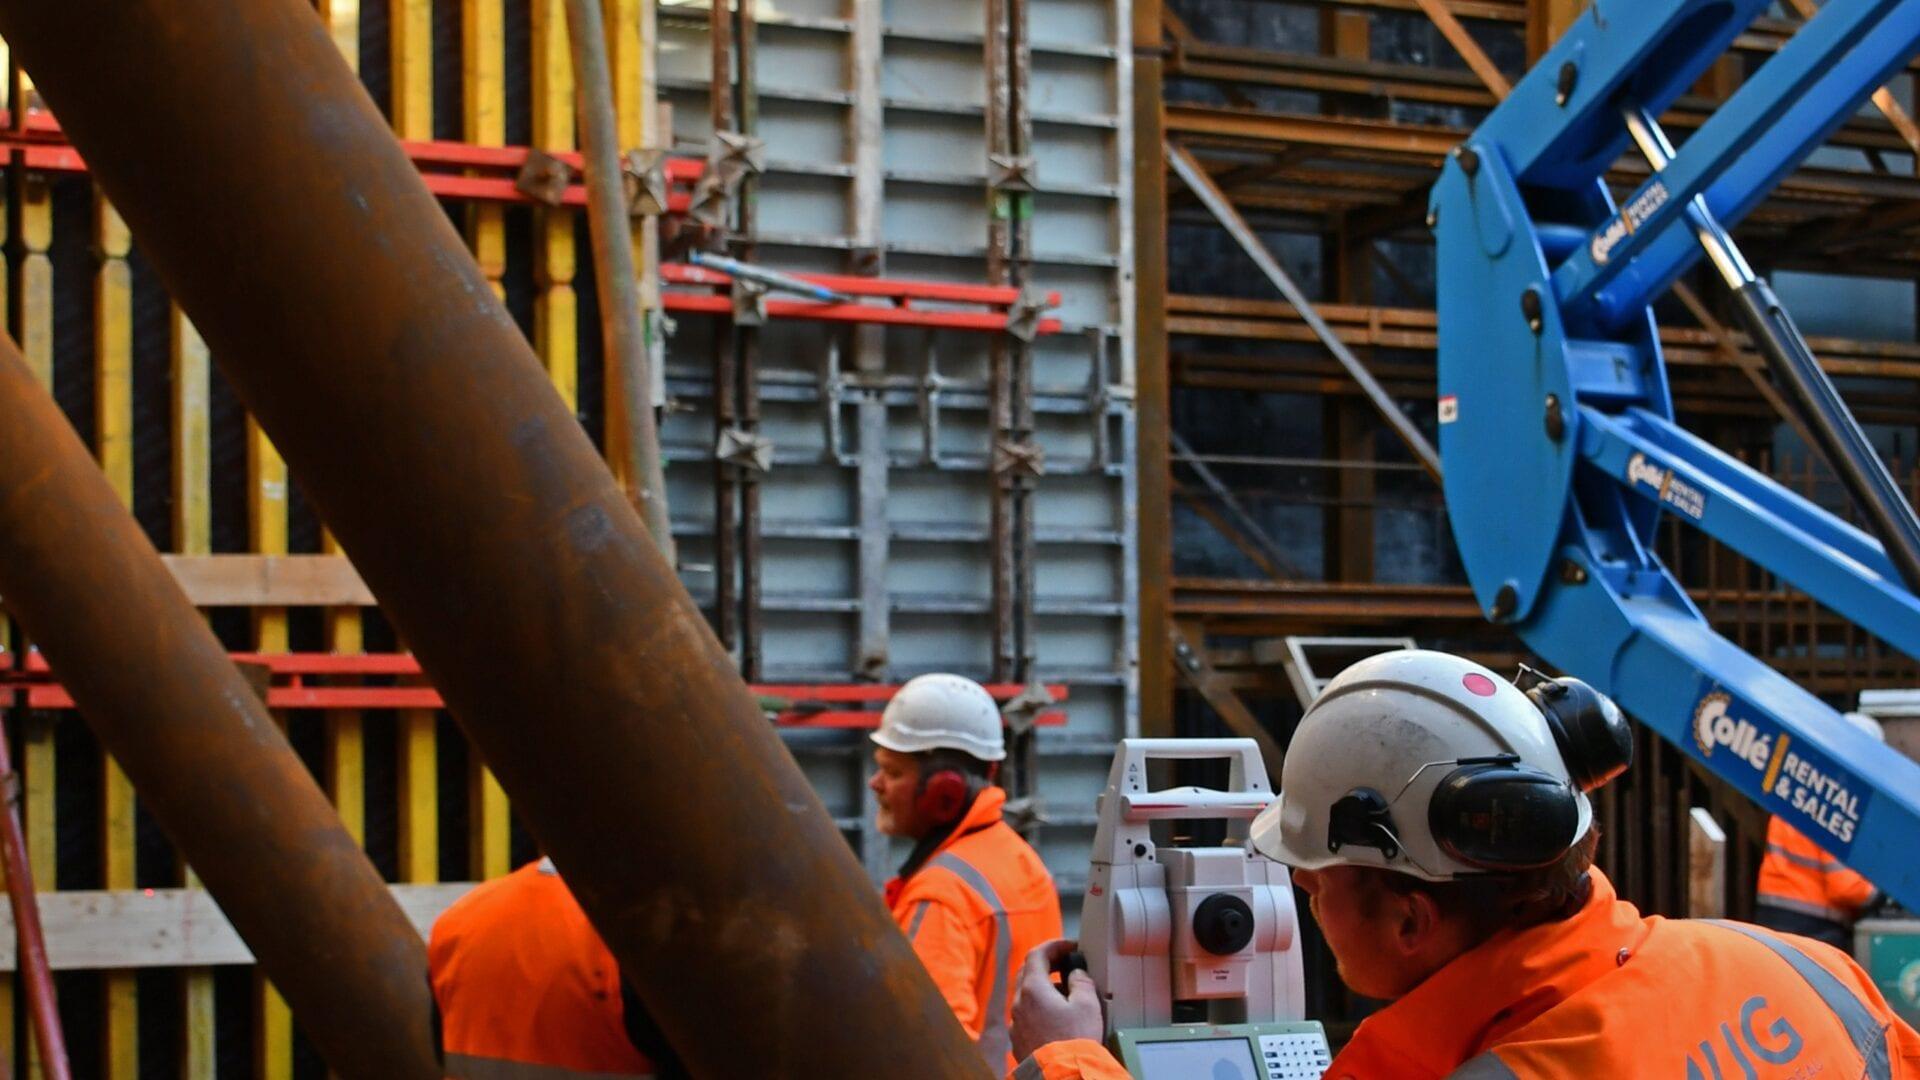 Keersluis Den Oever; aan de zijkanten van de bouwkuip voor de keersluis wordt bekisting aangebracht voor de keersluiswanden met behulp van kranen wordt het bekistingsmateriaal de bouwkuip ingehesen